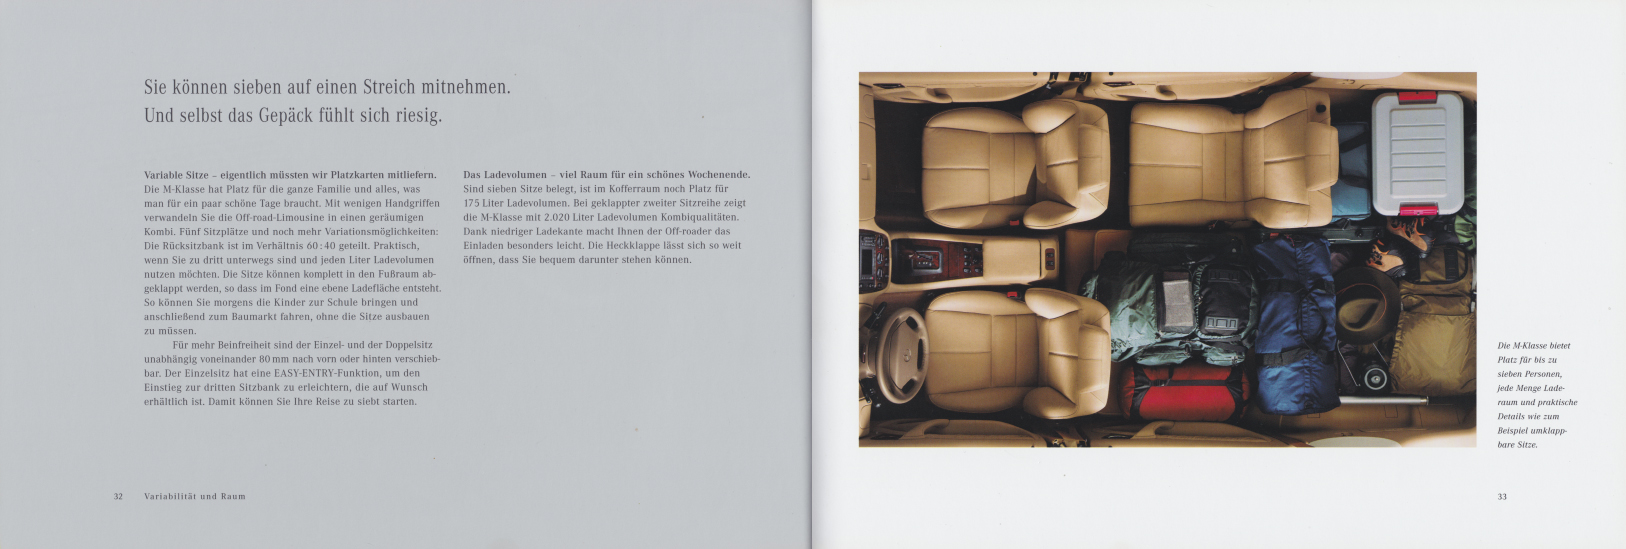 (W163): Catálogo 2000 - alemão 018